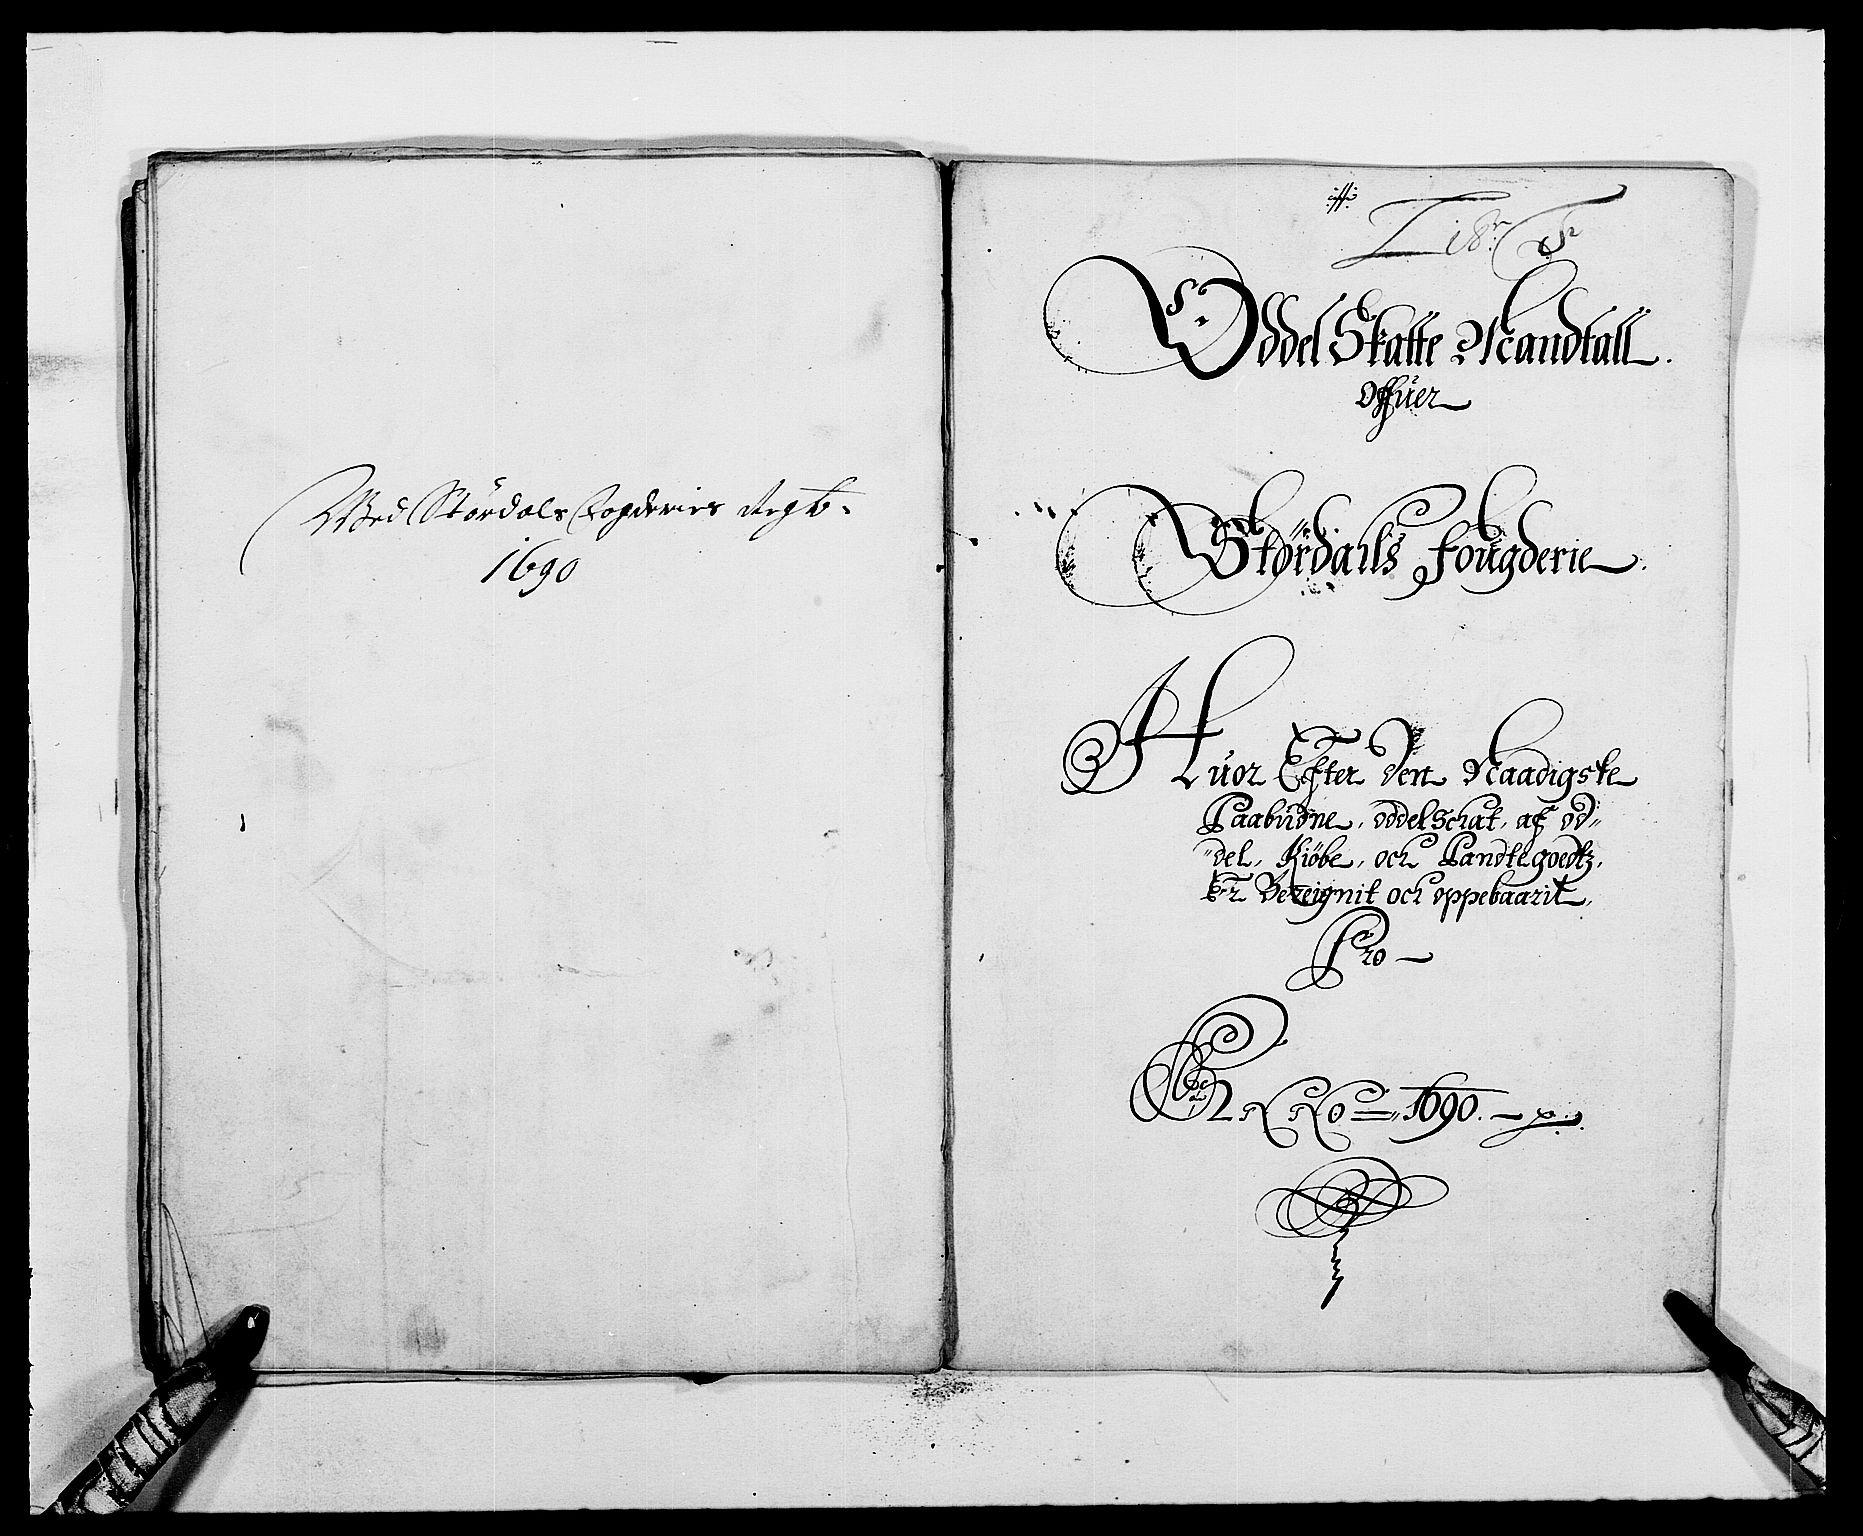 RA, Rentekammeret inntil 1814, Reviderte regnskaper, Fogderegnskap, R62/L4184: Fogderegnskap Stjørdal og Verdal, 1690-1691, s. 93